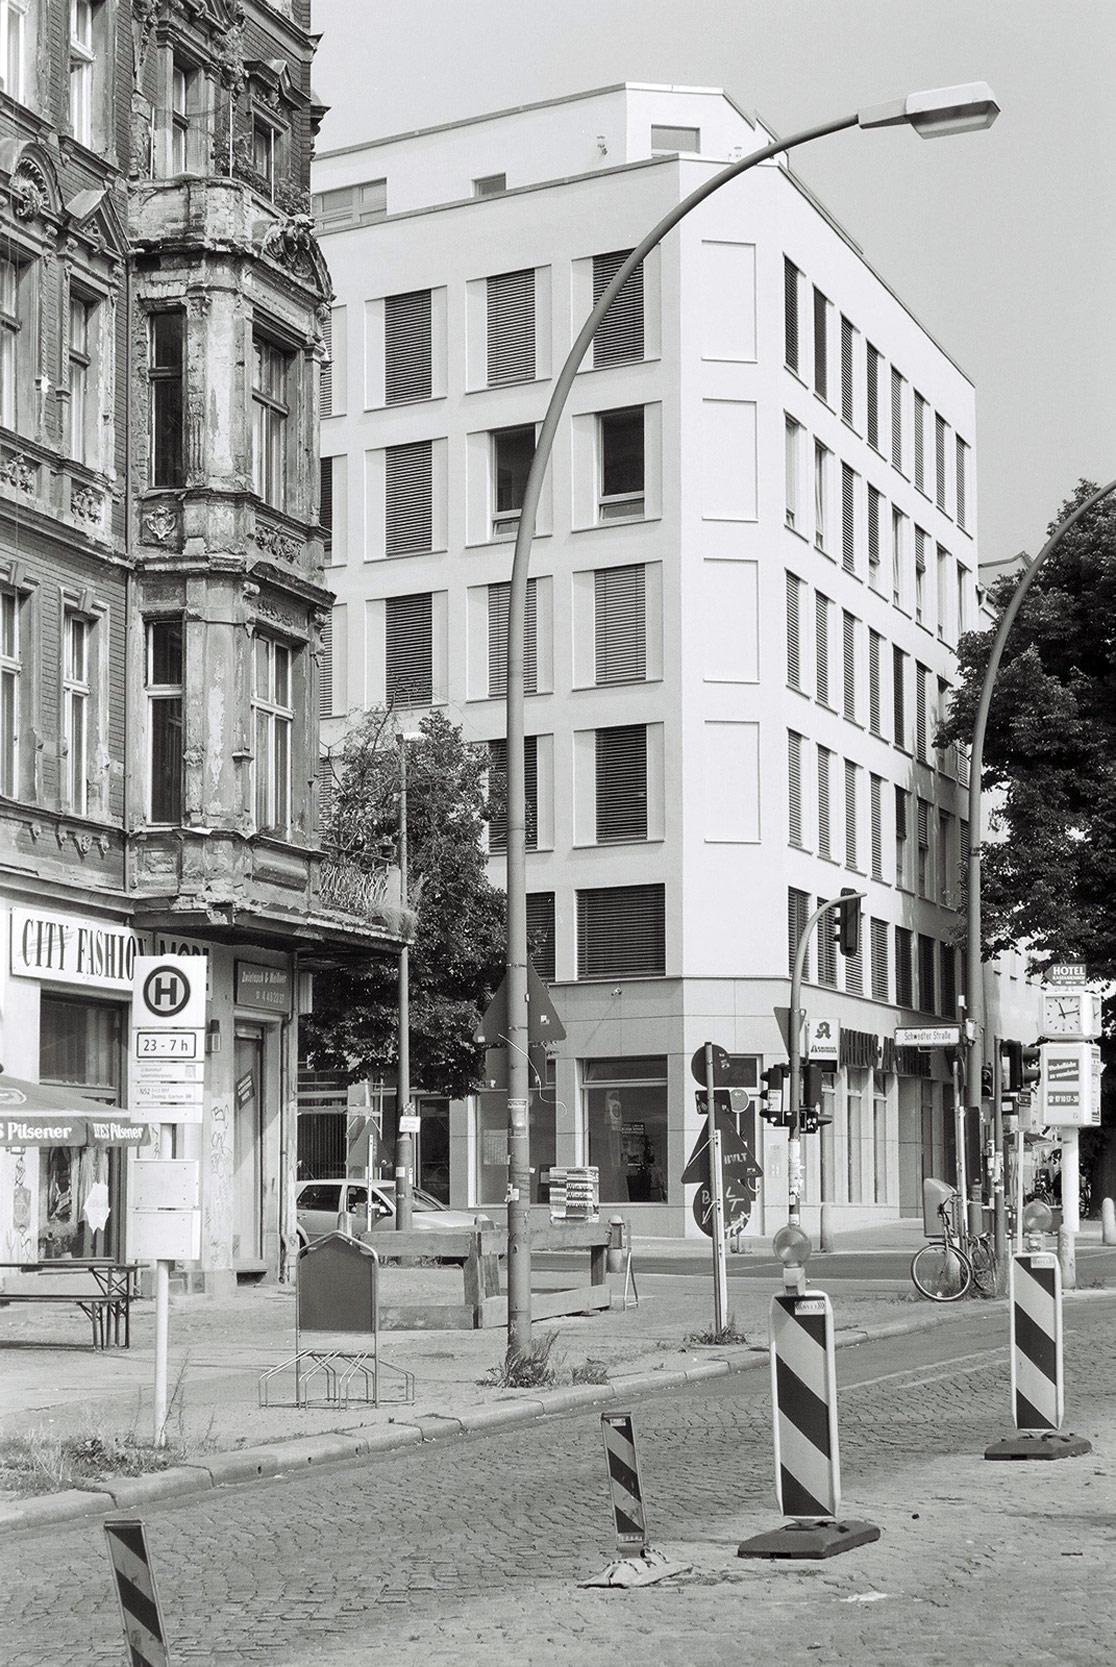 Im städtischen Kontext wirkt das Wohn- und Geschäftshaus klassisch-modern.